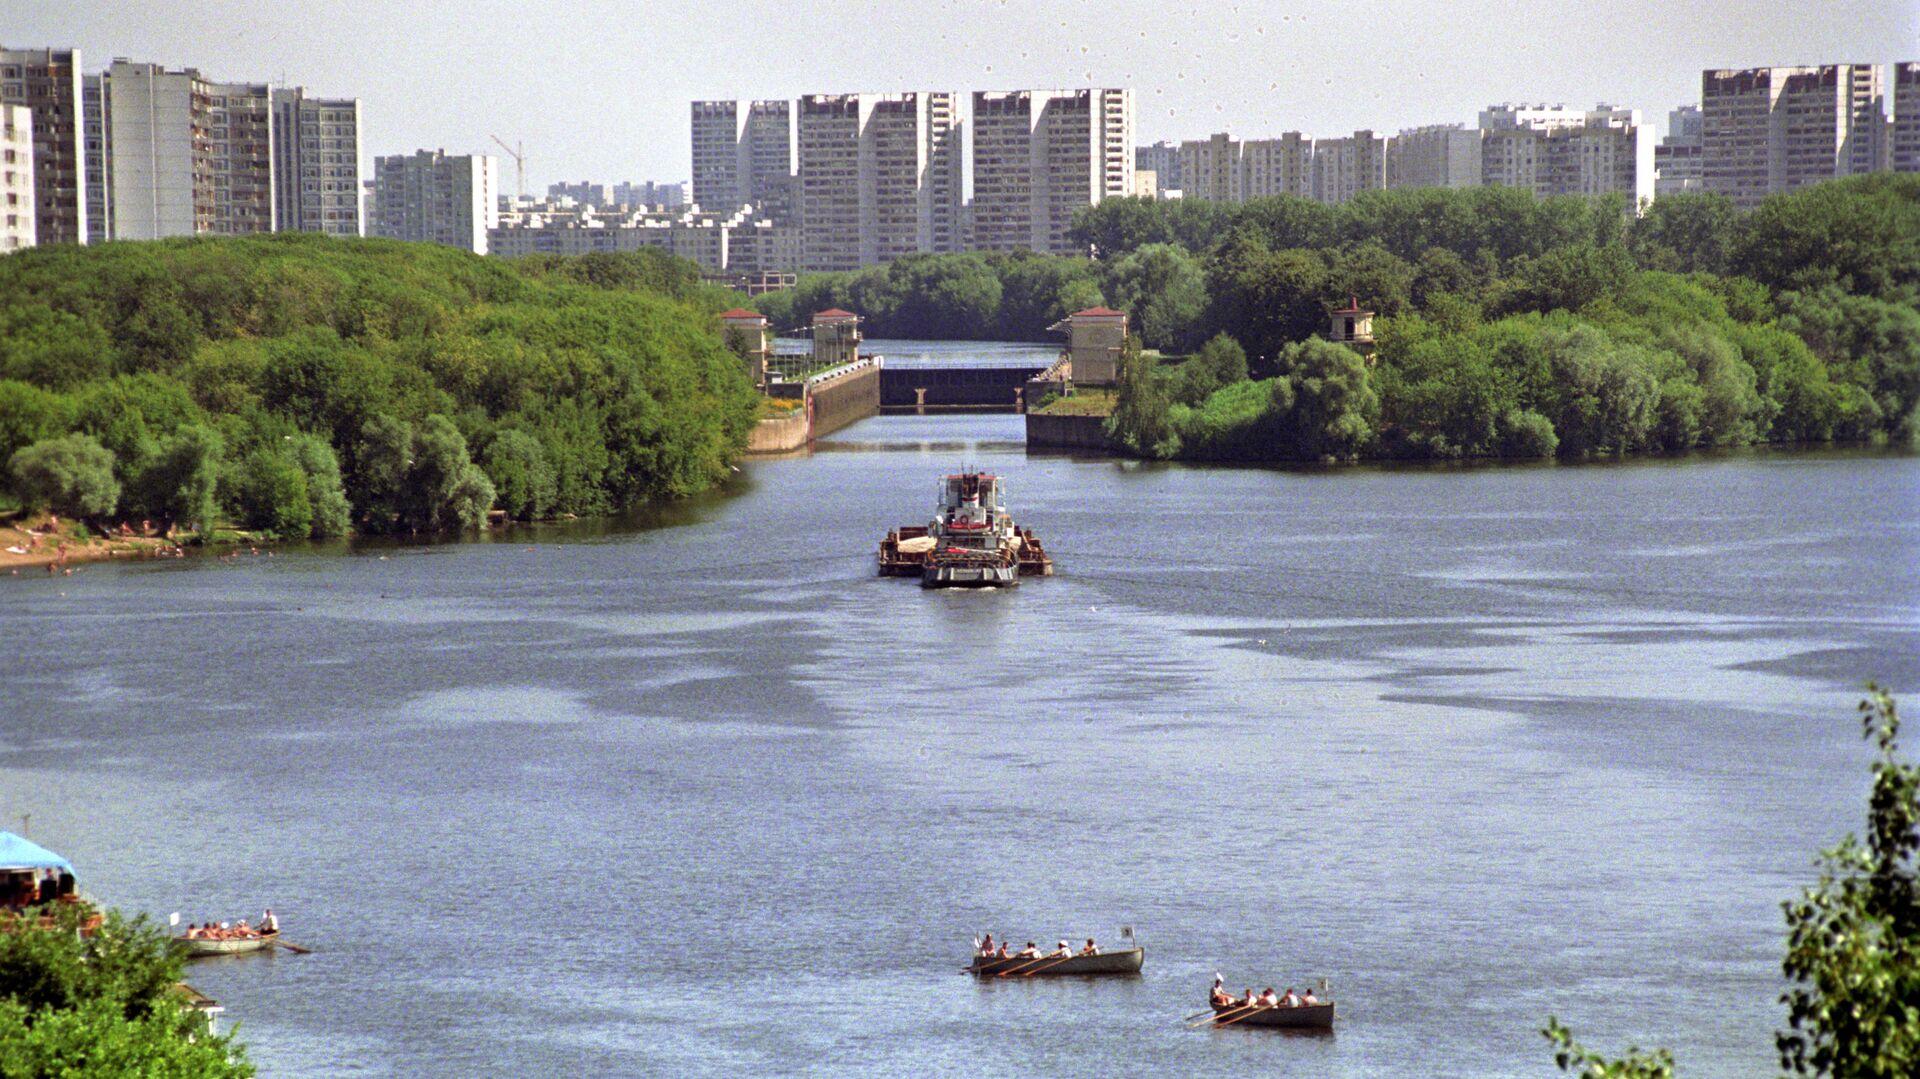 Москва-река в районе Капотни - РИА Новости, 1920, 03.07.2019